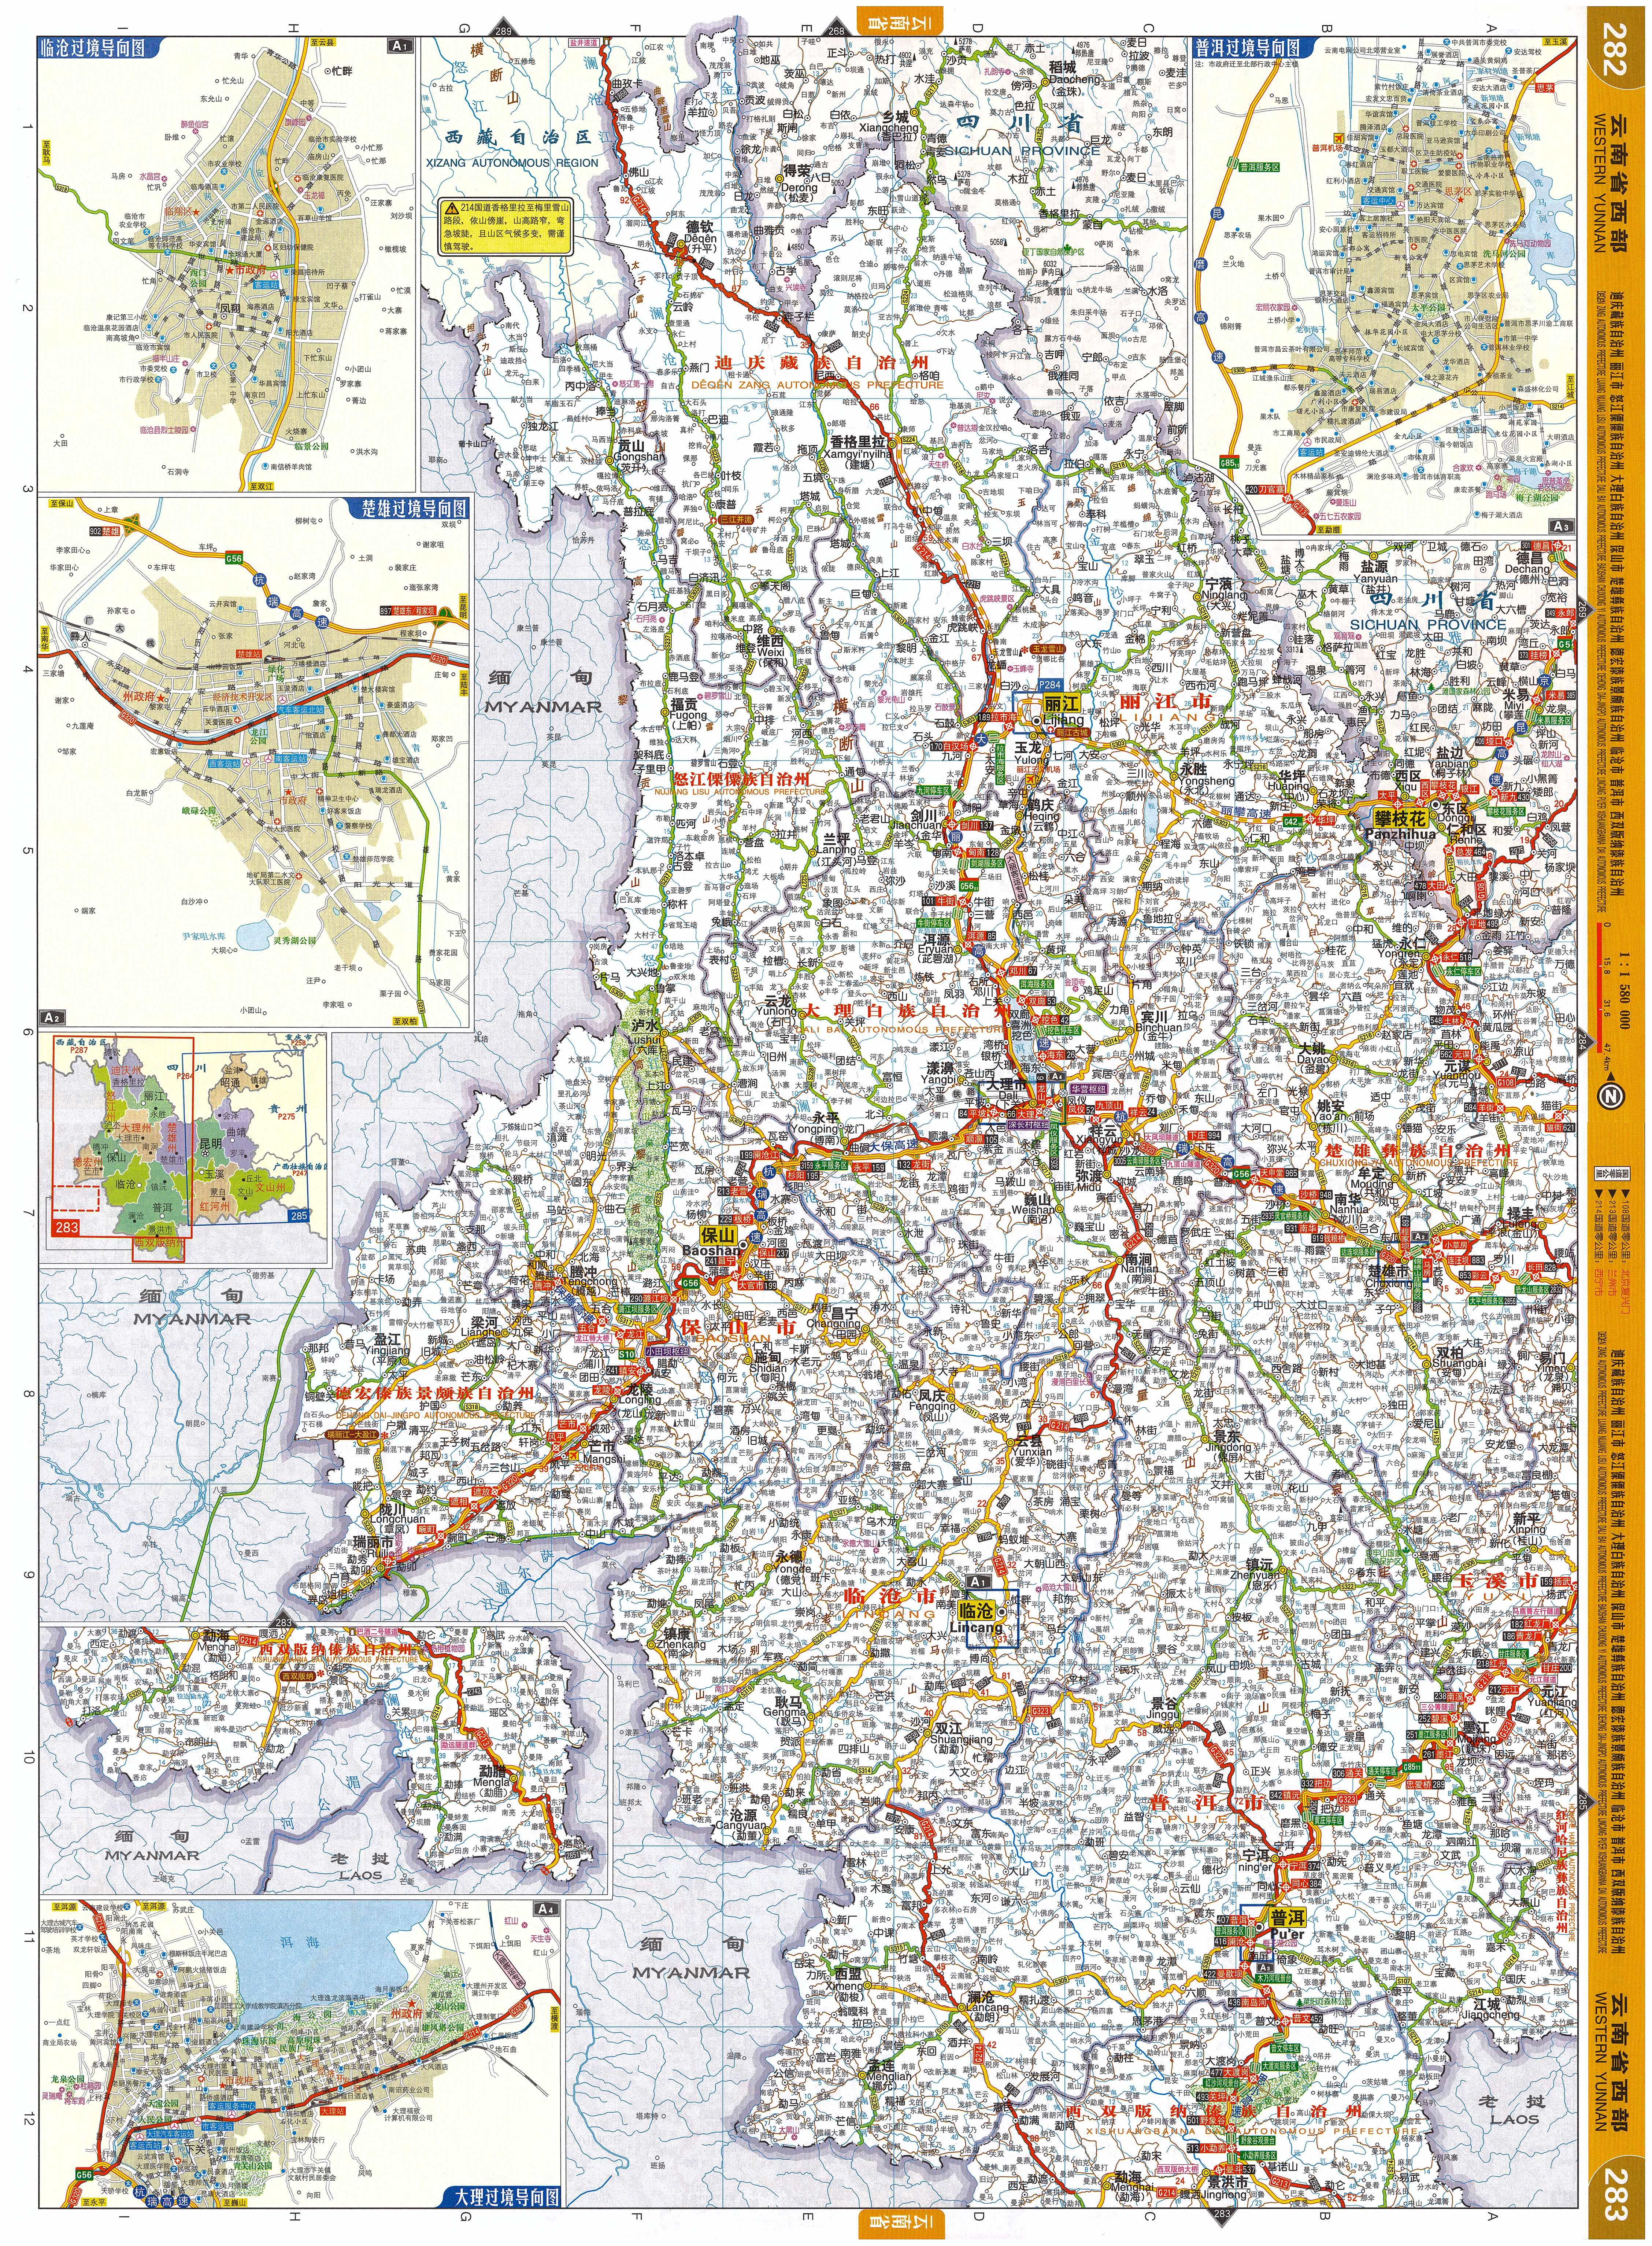 云南铁路分布_云南省西部交通地图_交通地图库_地图窝